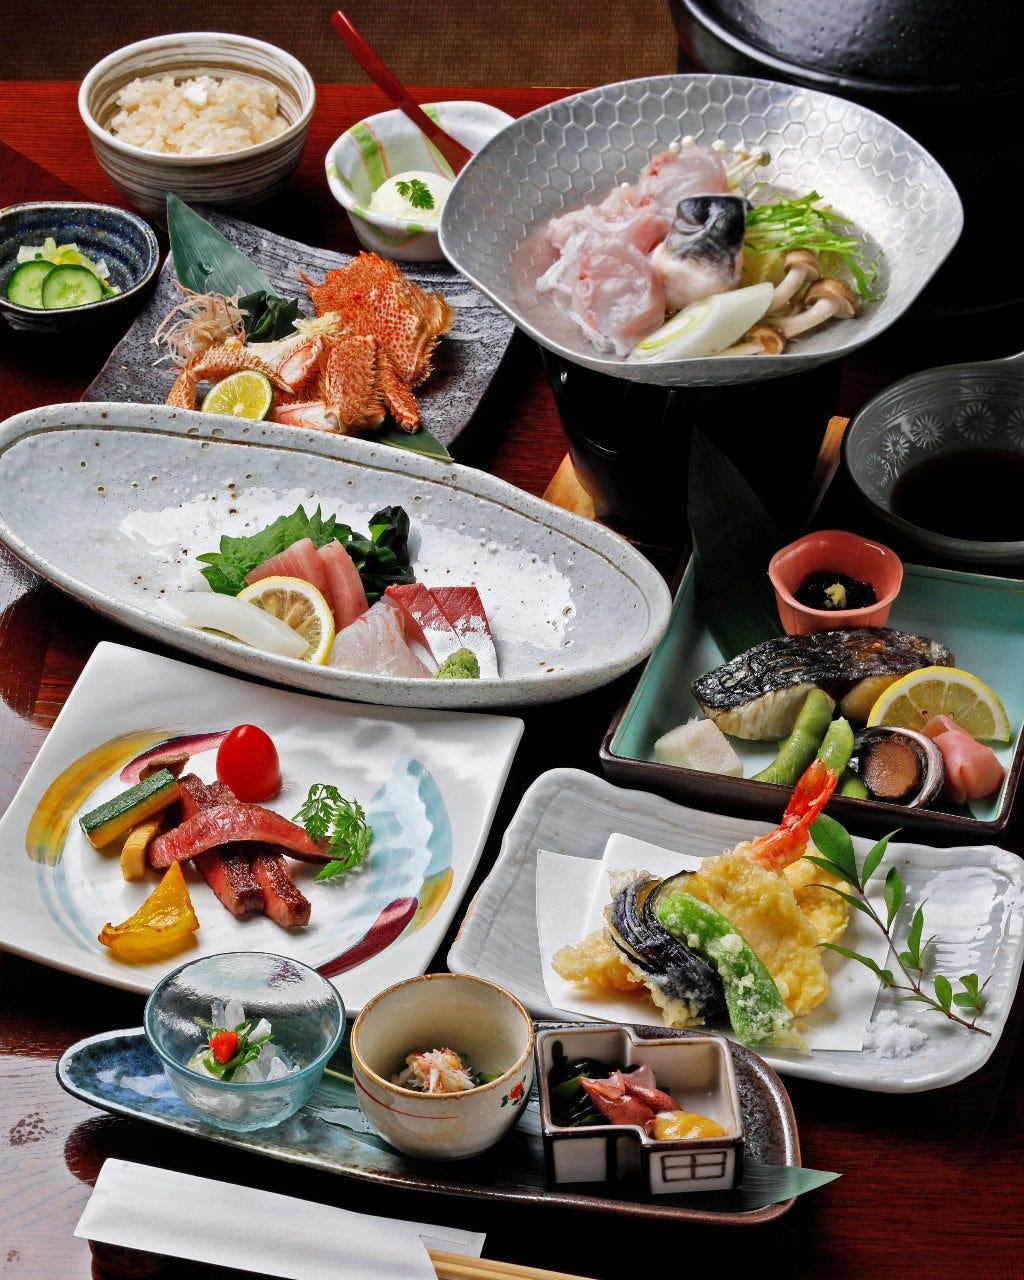 季節の食材をふんだんに使用した目にも華やかな宴会コース。